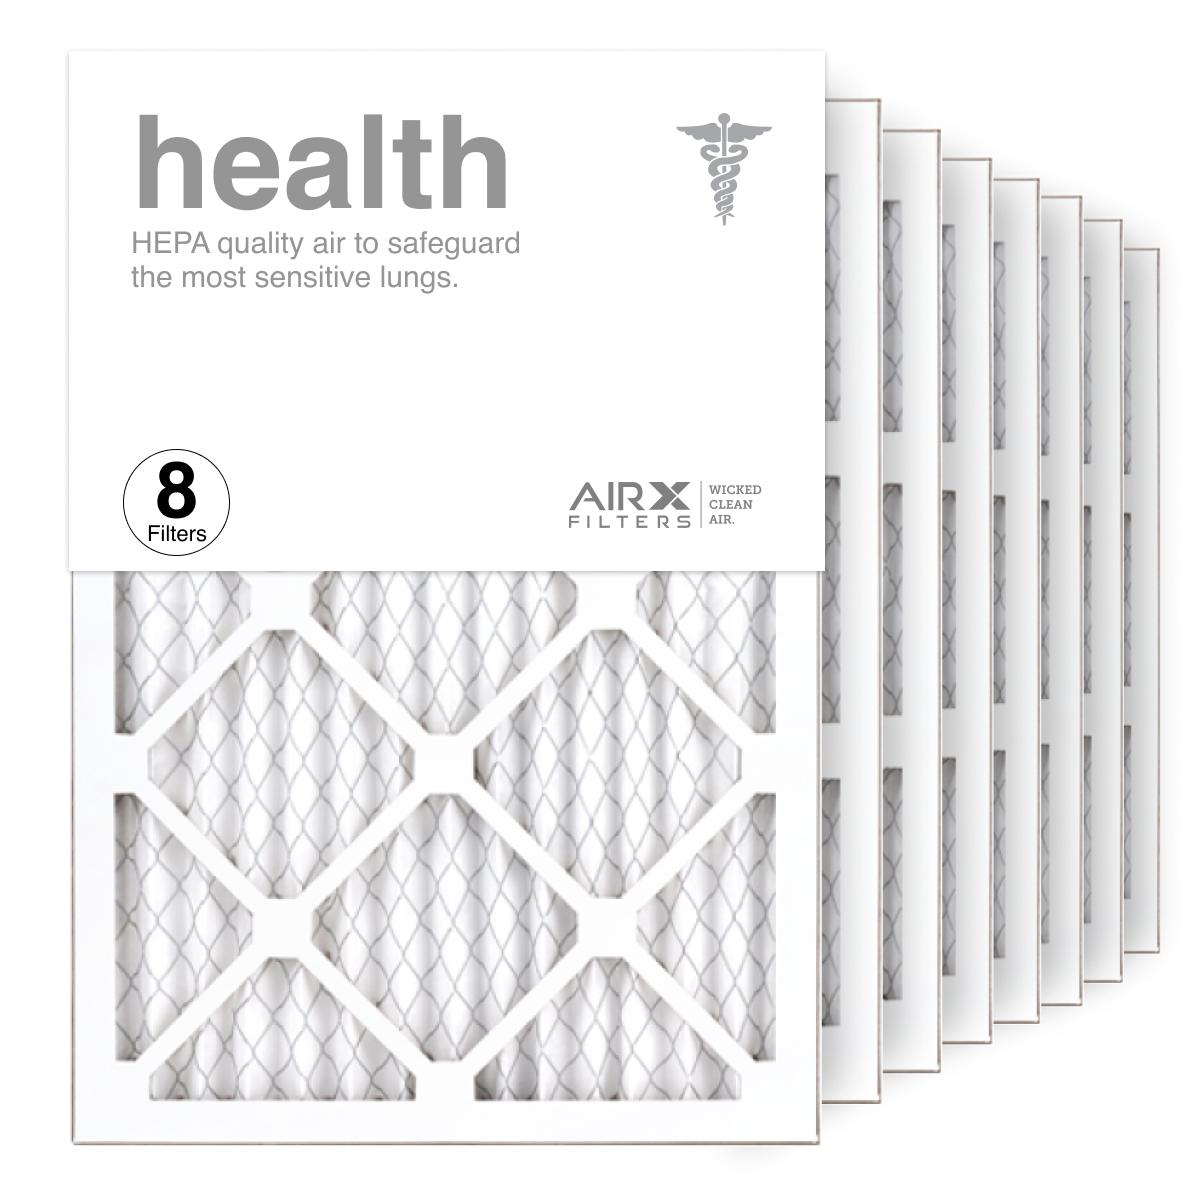 14x20x1 AIRx HEALTH Air Filter, 8-Pack